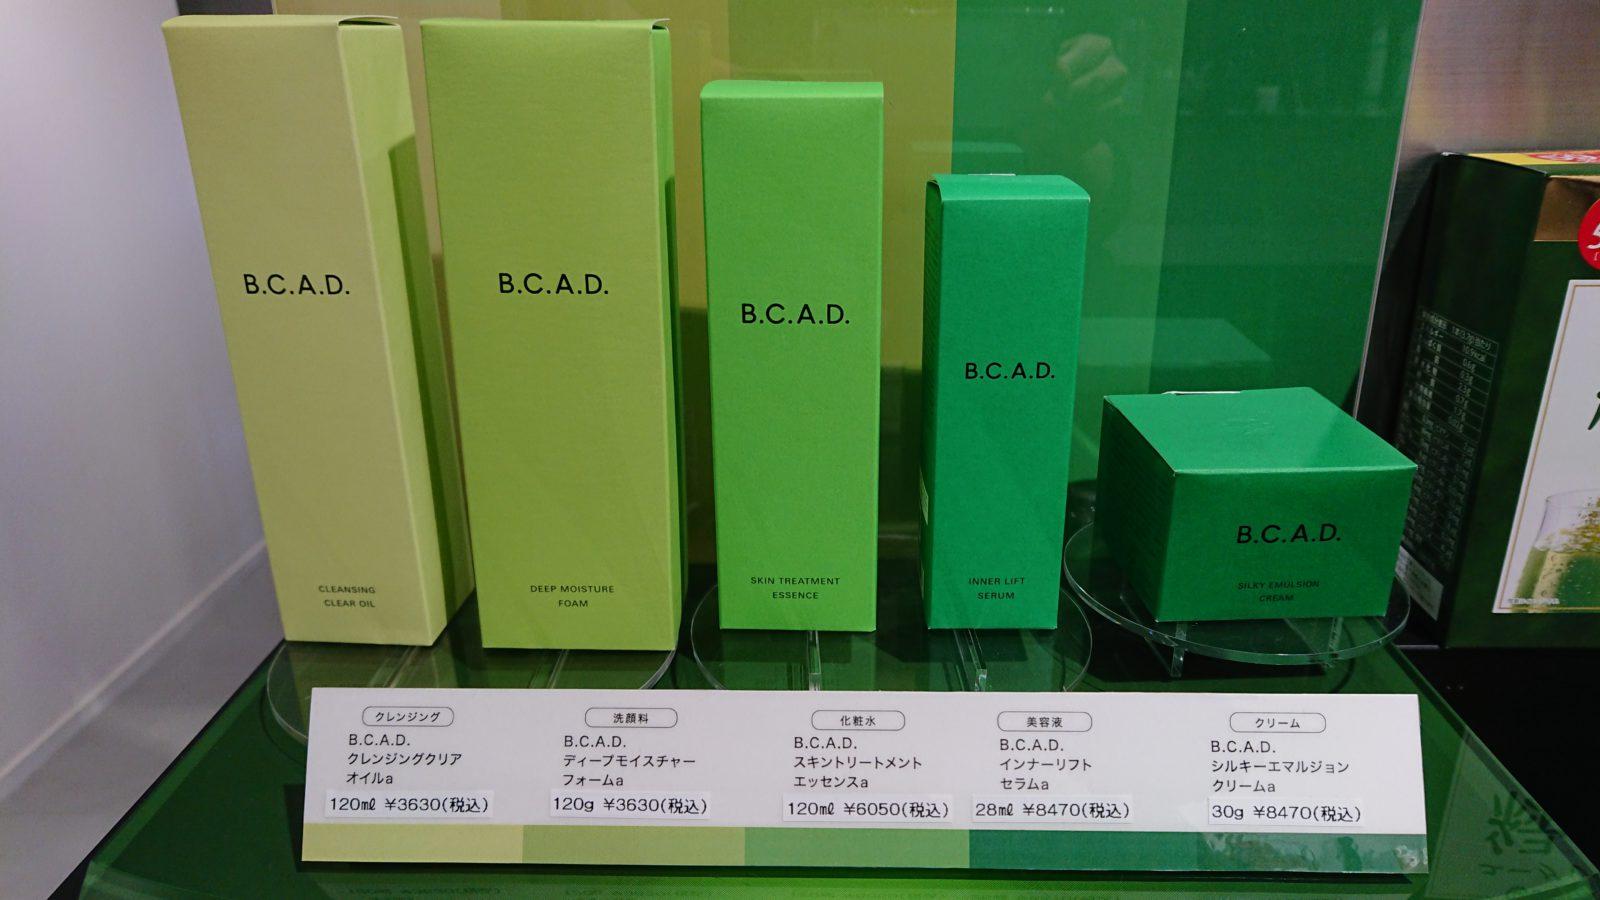 ユーグレナ 化粧品 B.C.A.D. クレンジング 洗顔 化粧水 美容液 クリーム